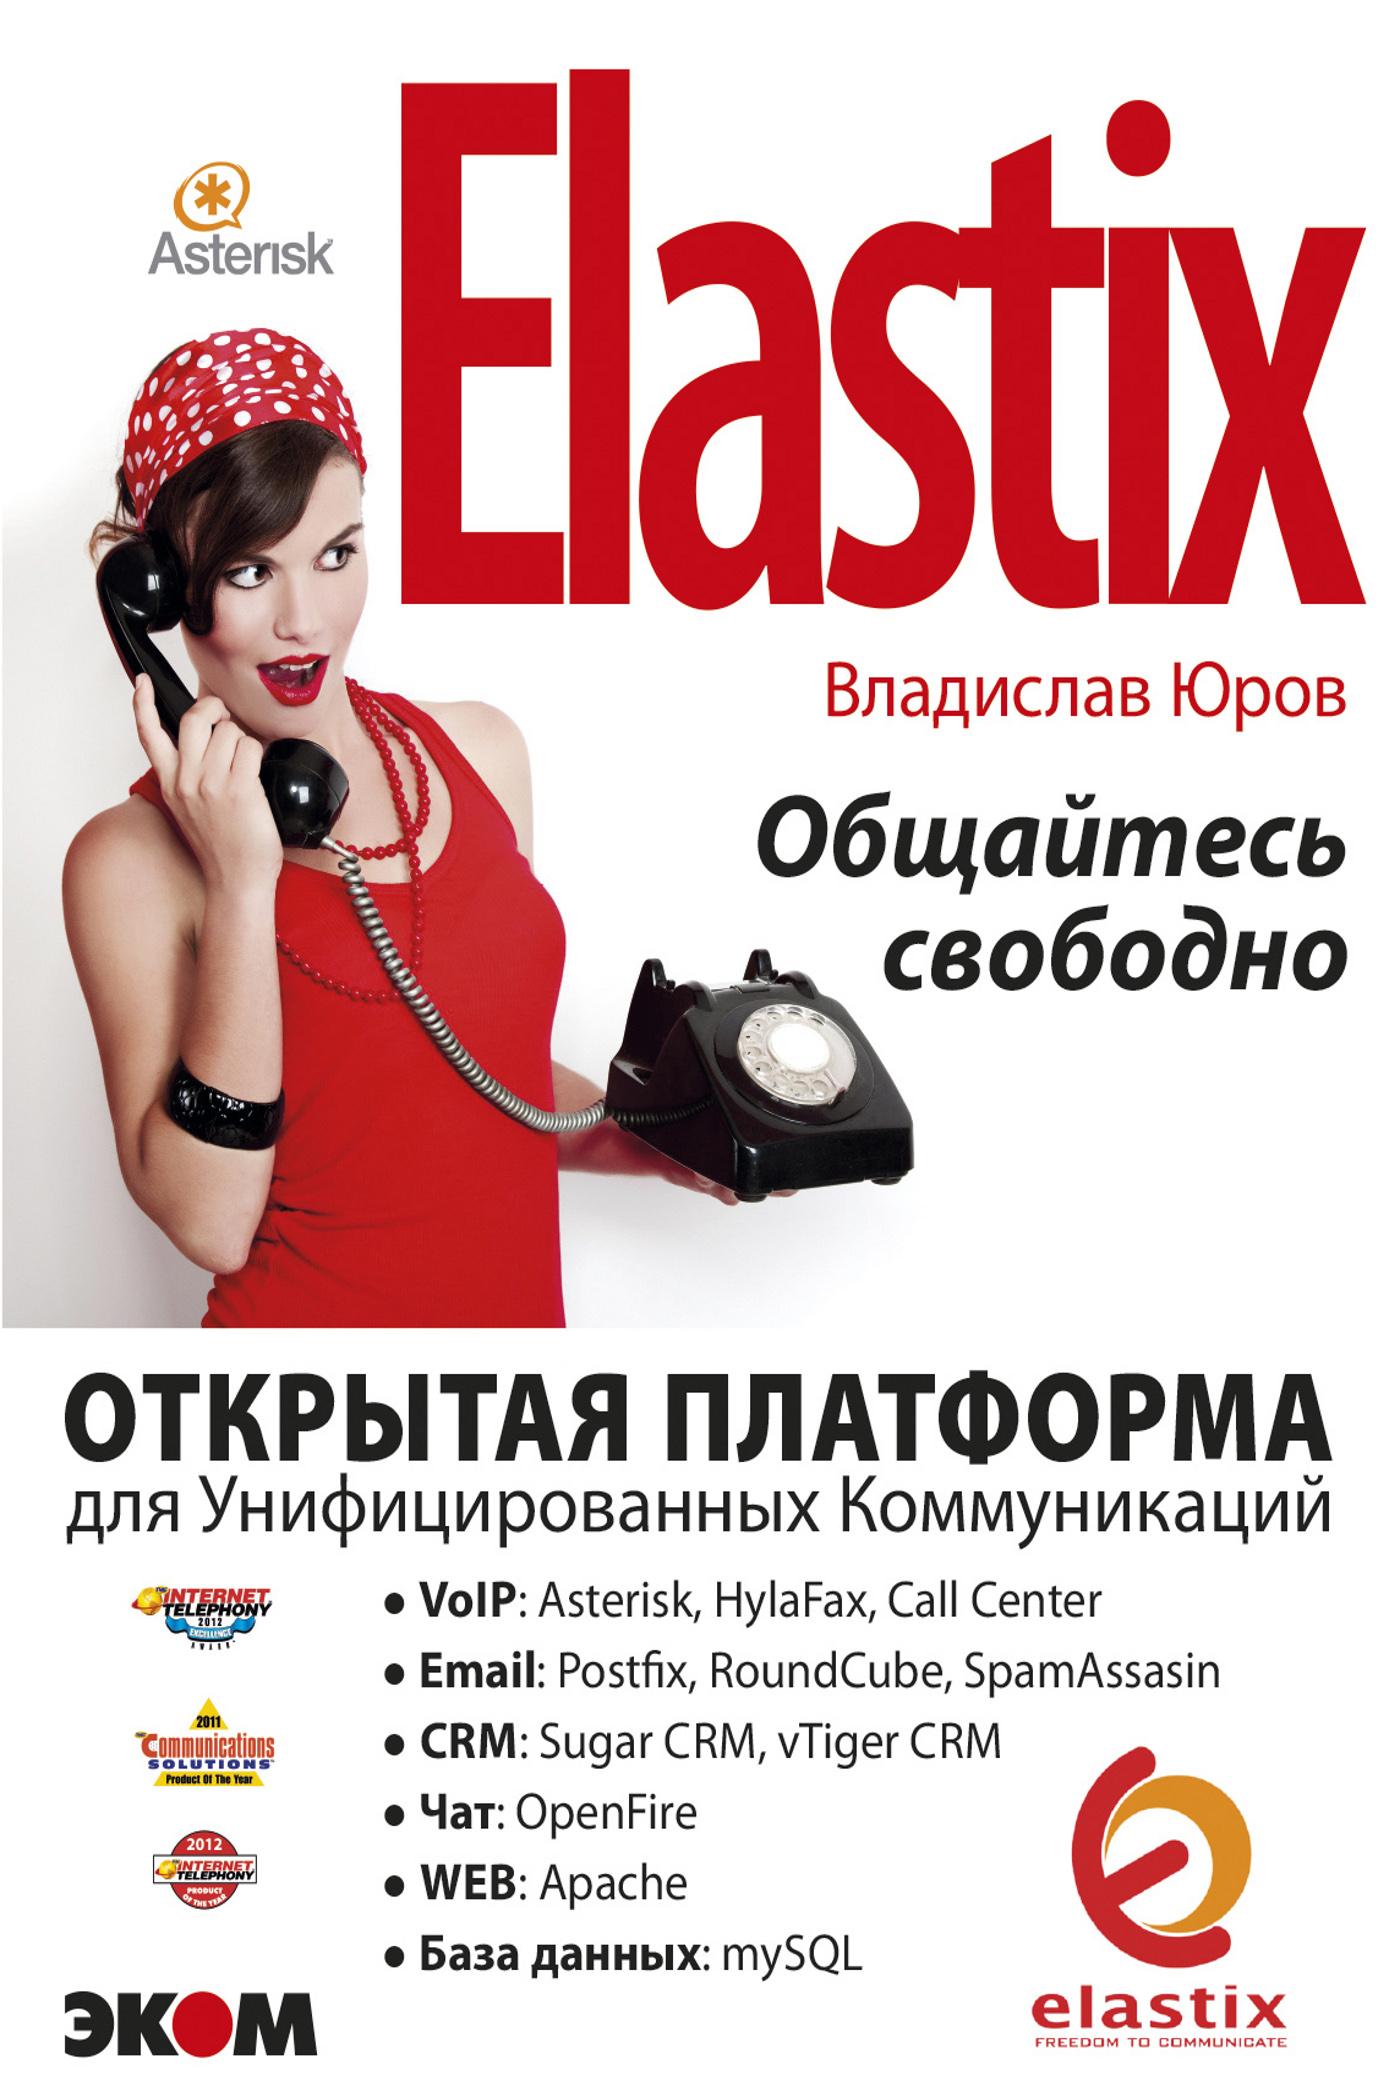 ELASTIX– общайтесь свободно